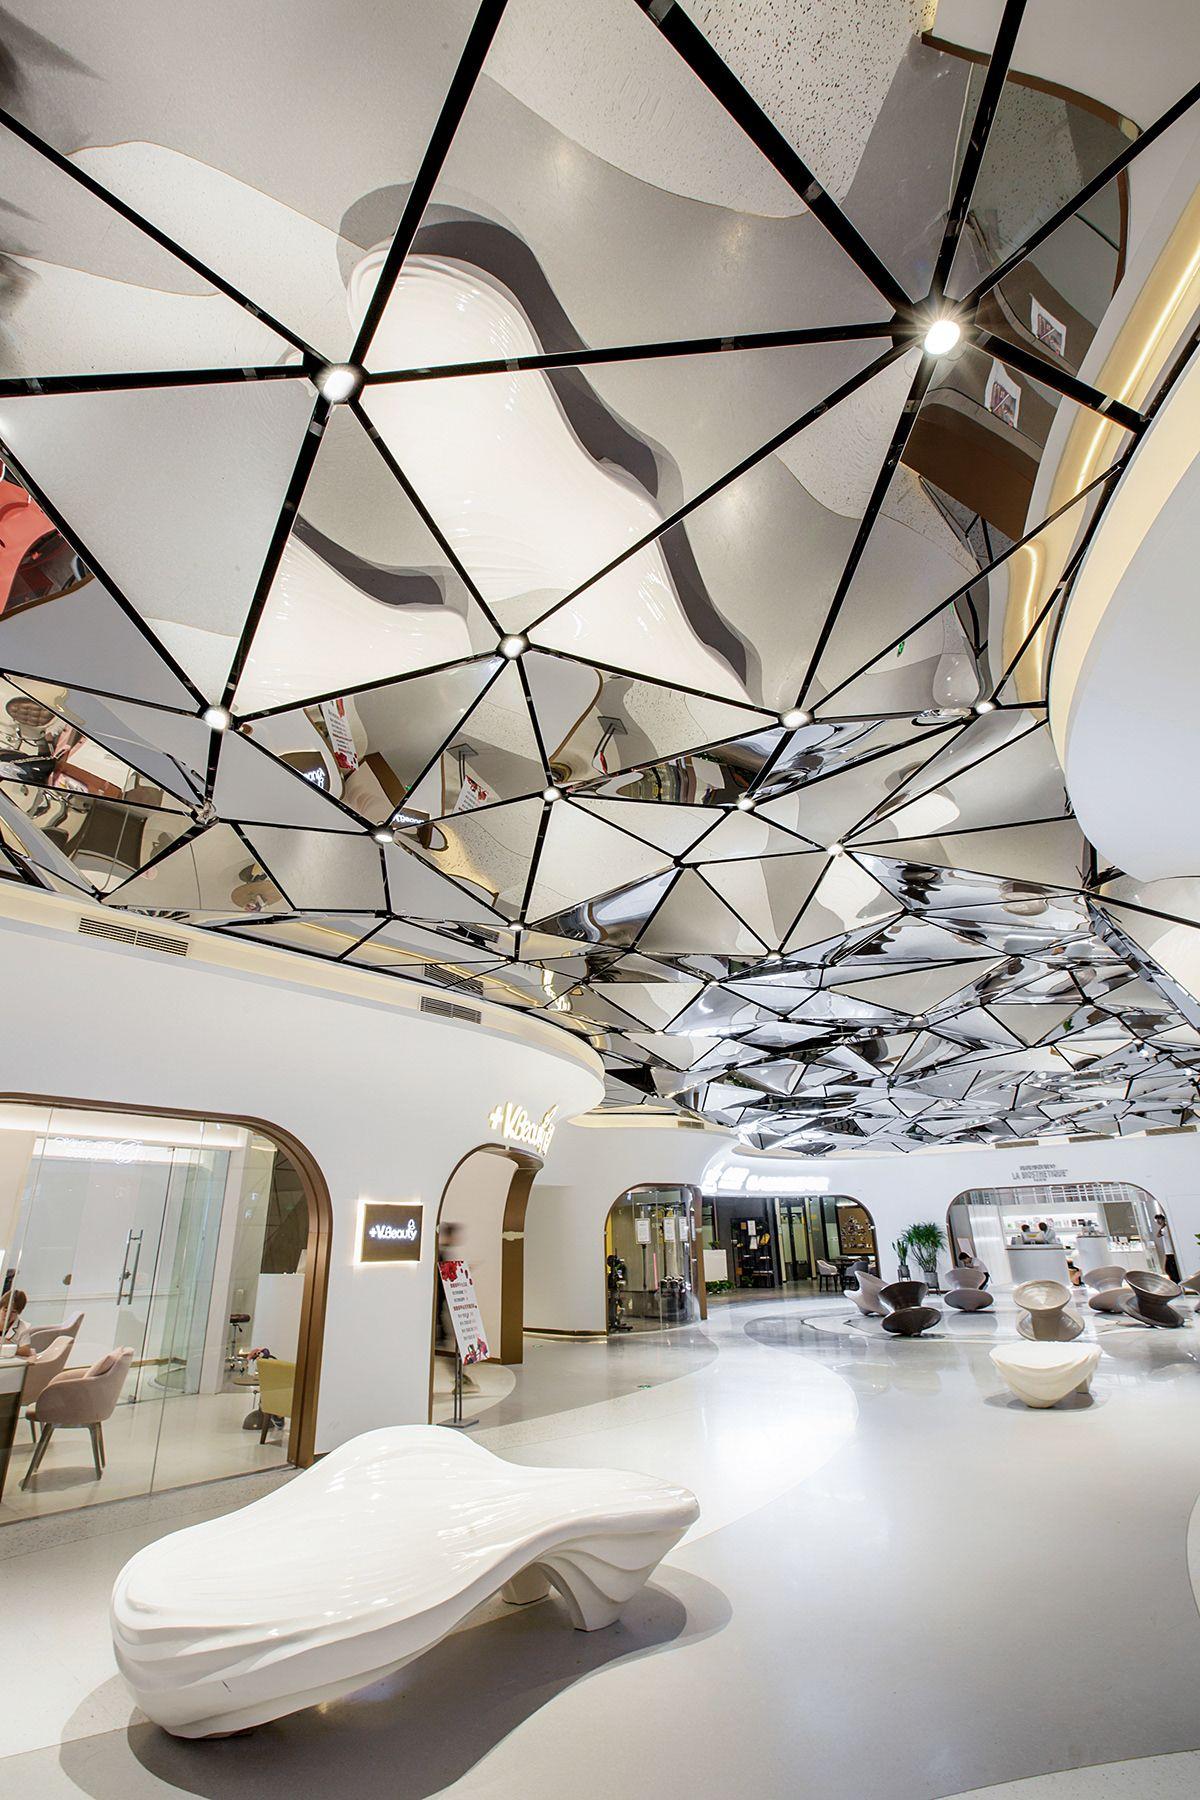 萧山万象汇 即刻广场 On Behance Interior Ceiling Design Interior Architecture Design Commercial Interior Design